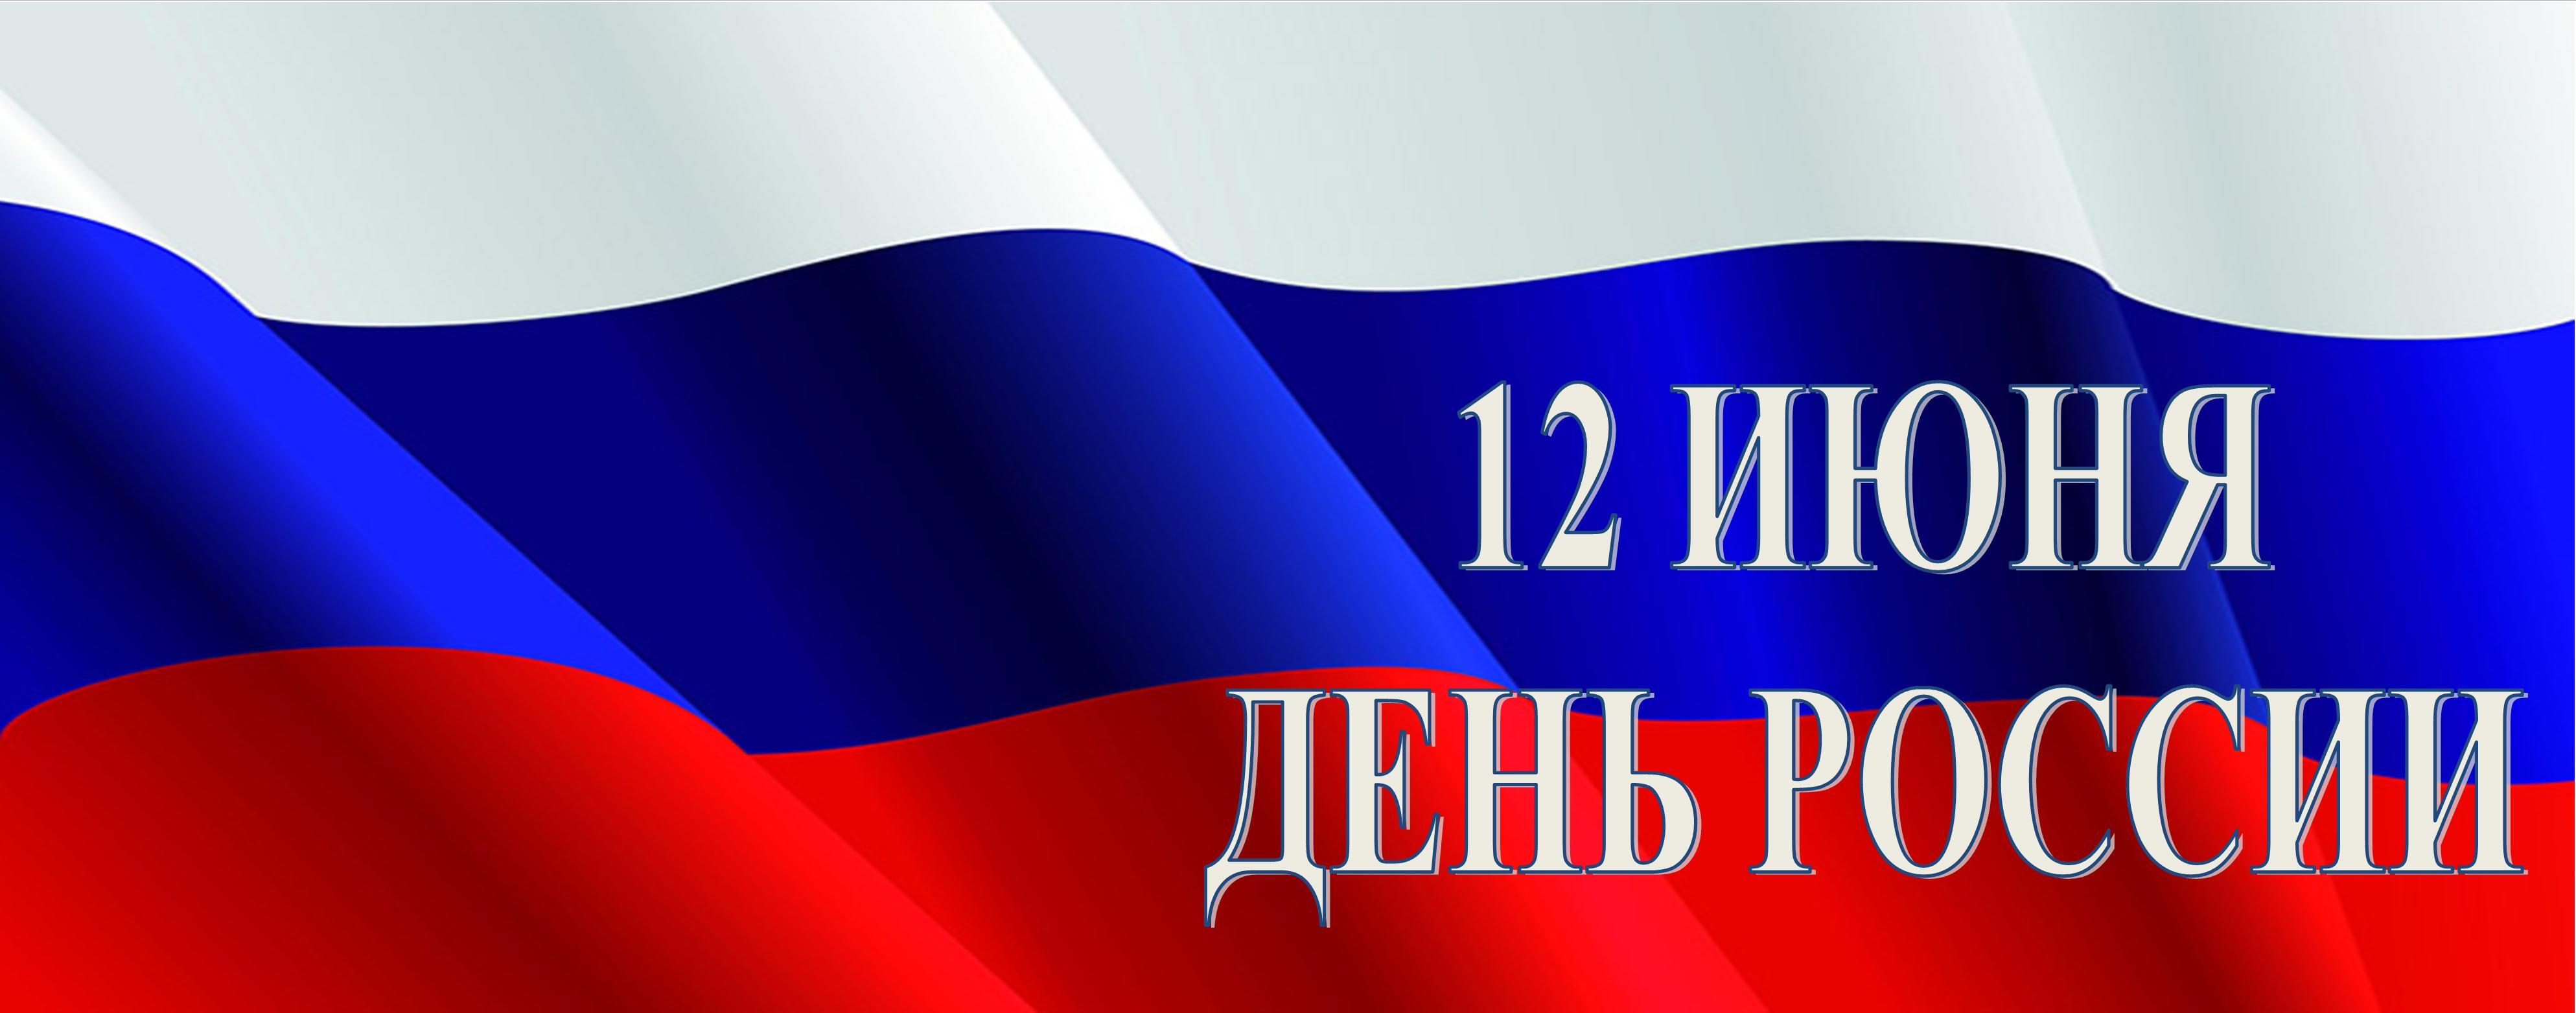 Флеш открытки с днём россии